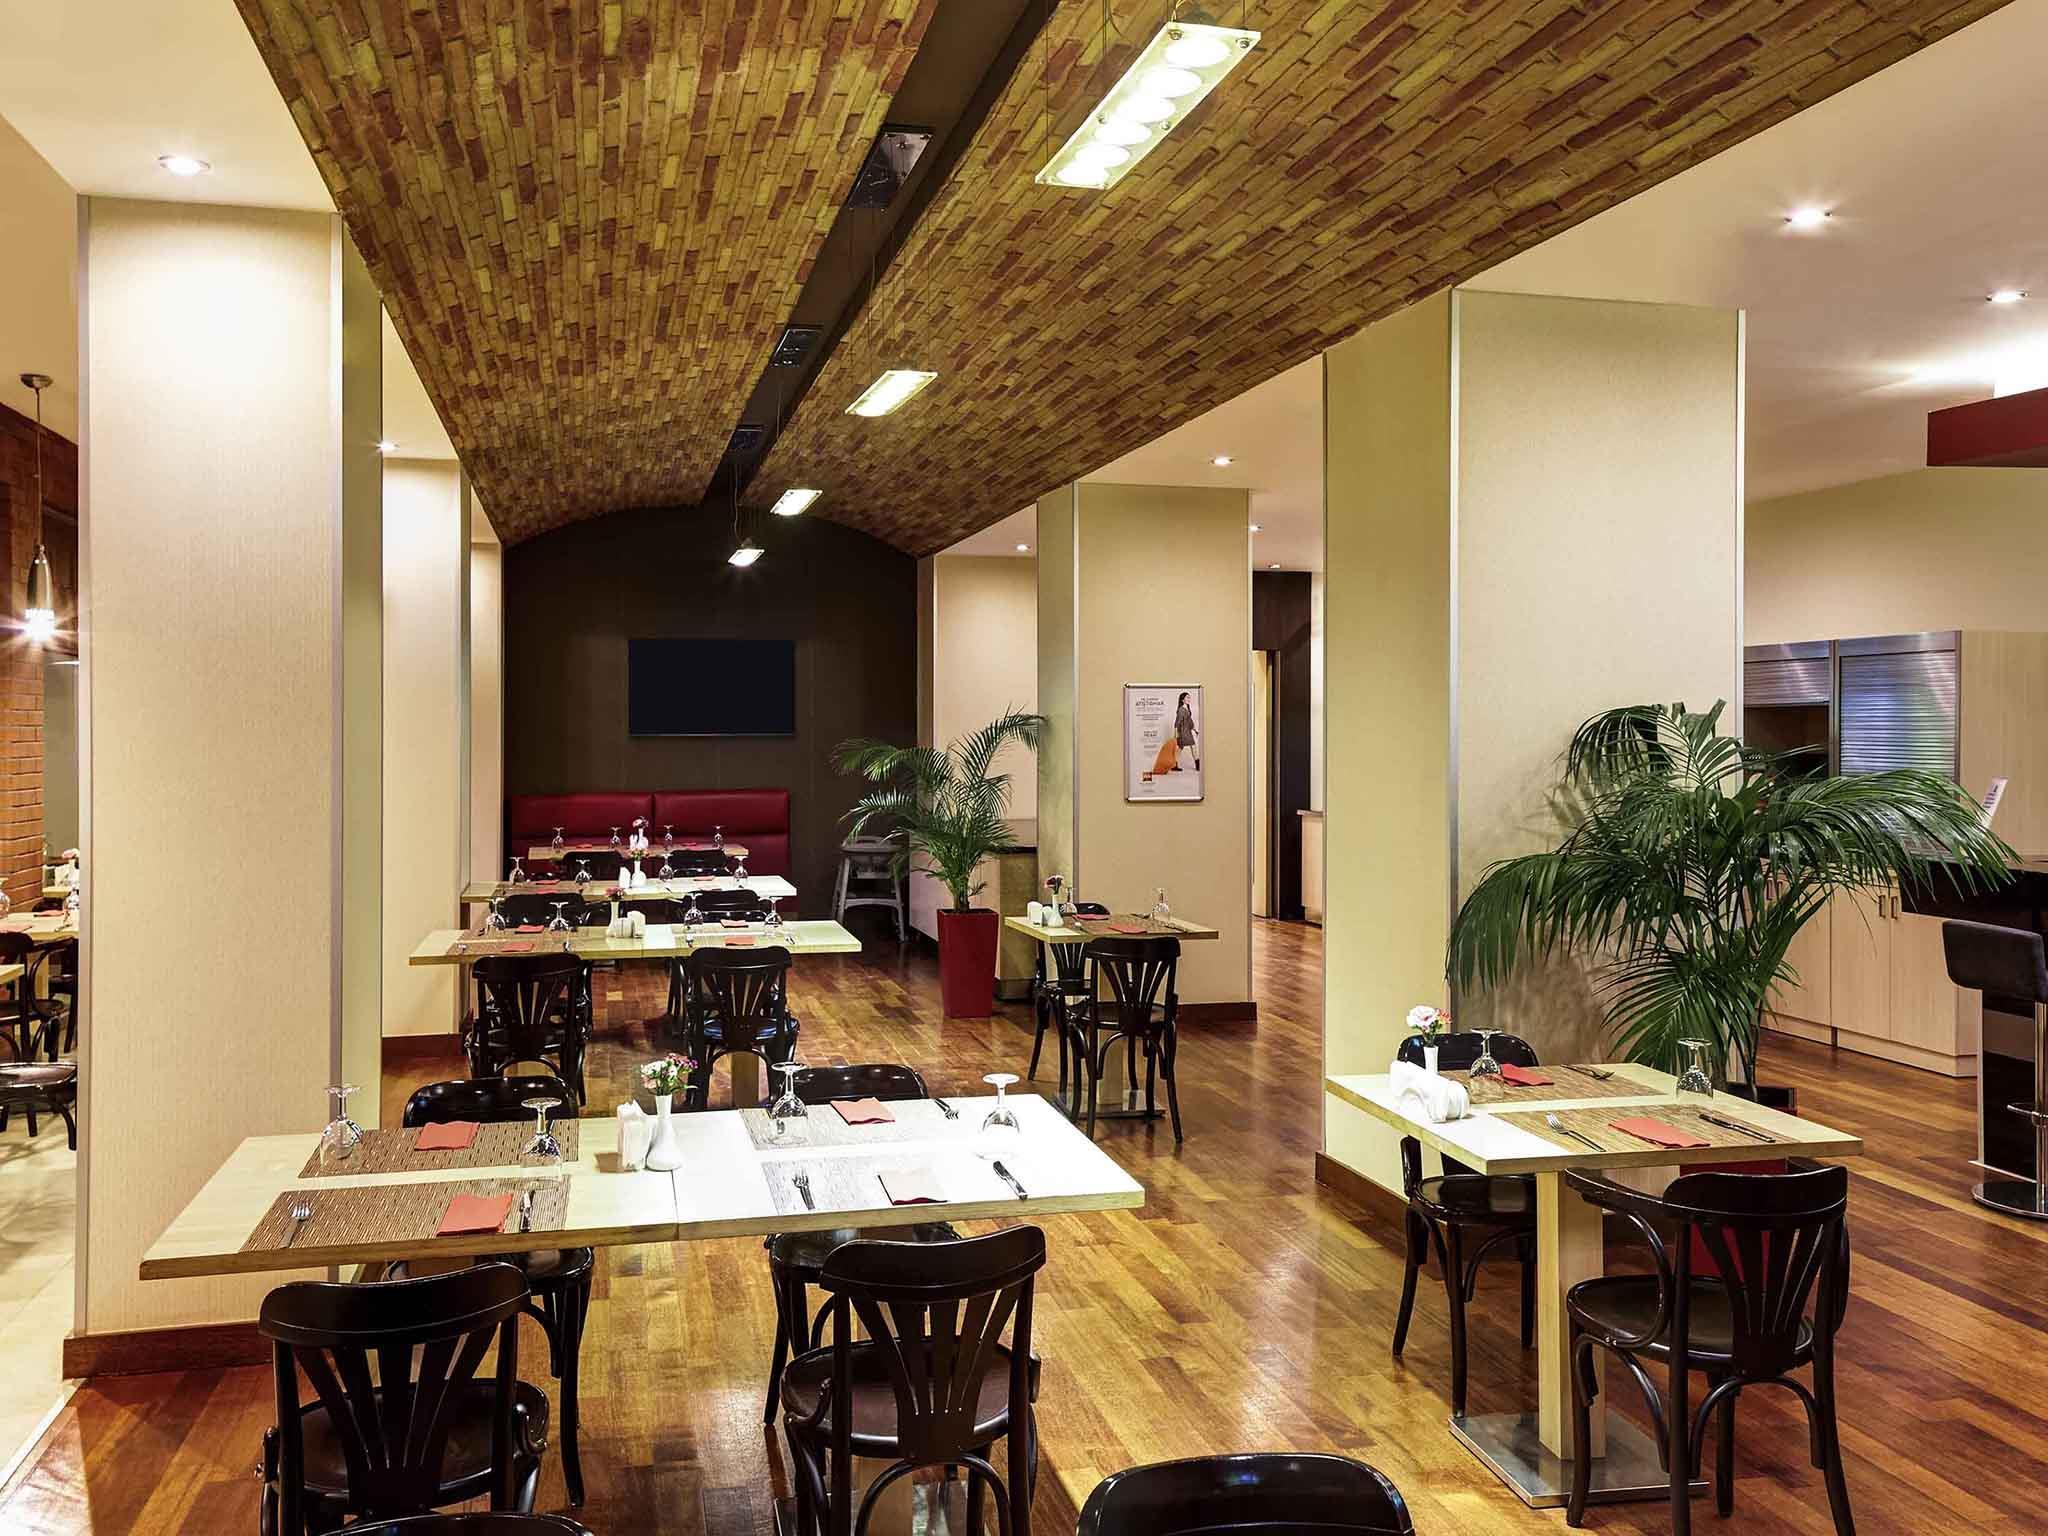 İbis Hotel Eskişehir260320